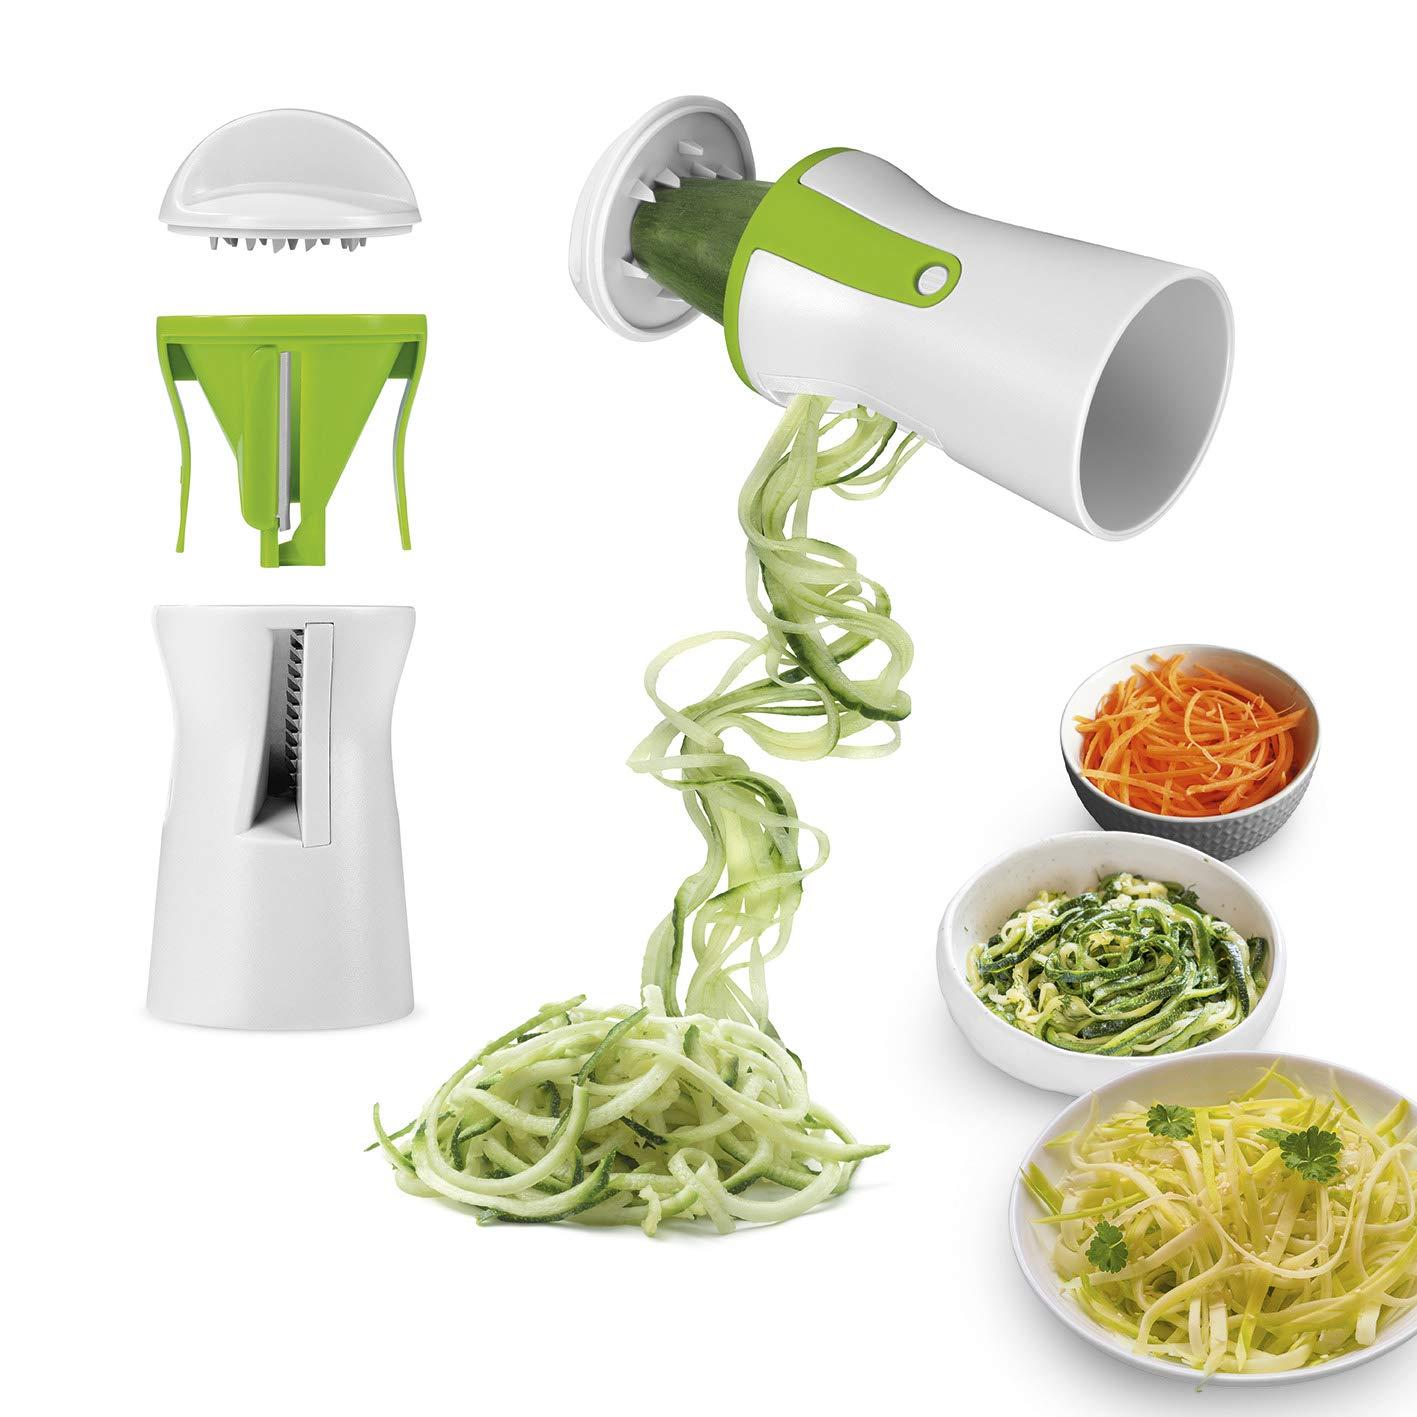 Gourmetmaxx 07293 Julienne Tagliaverdure | Plastica | Bianco/Verde Maxxcuisine